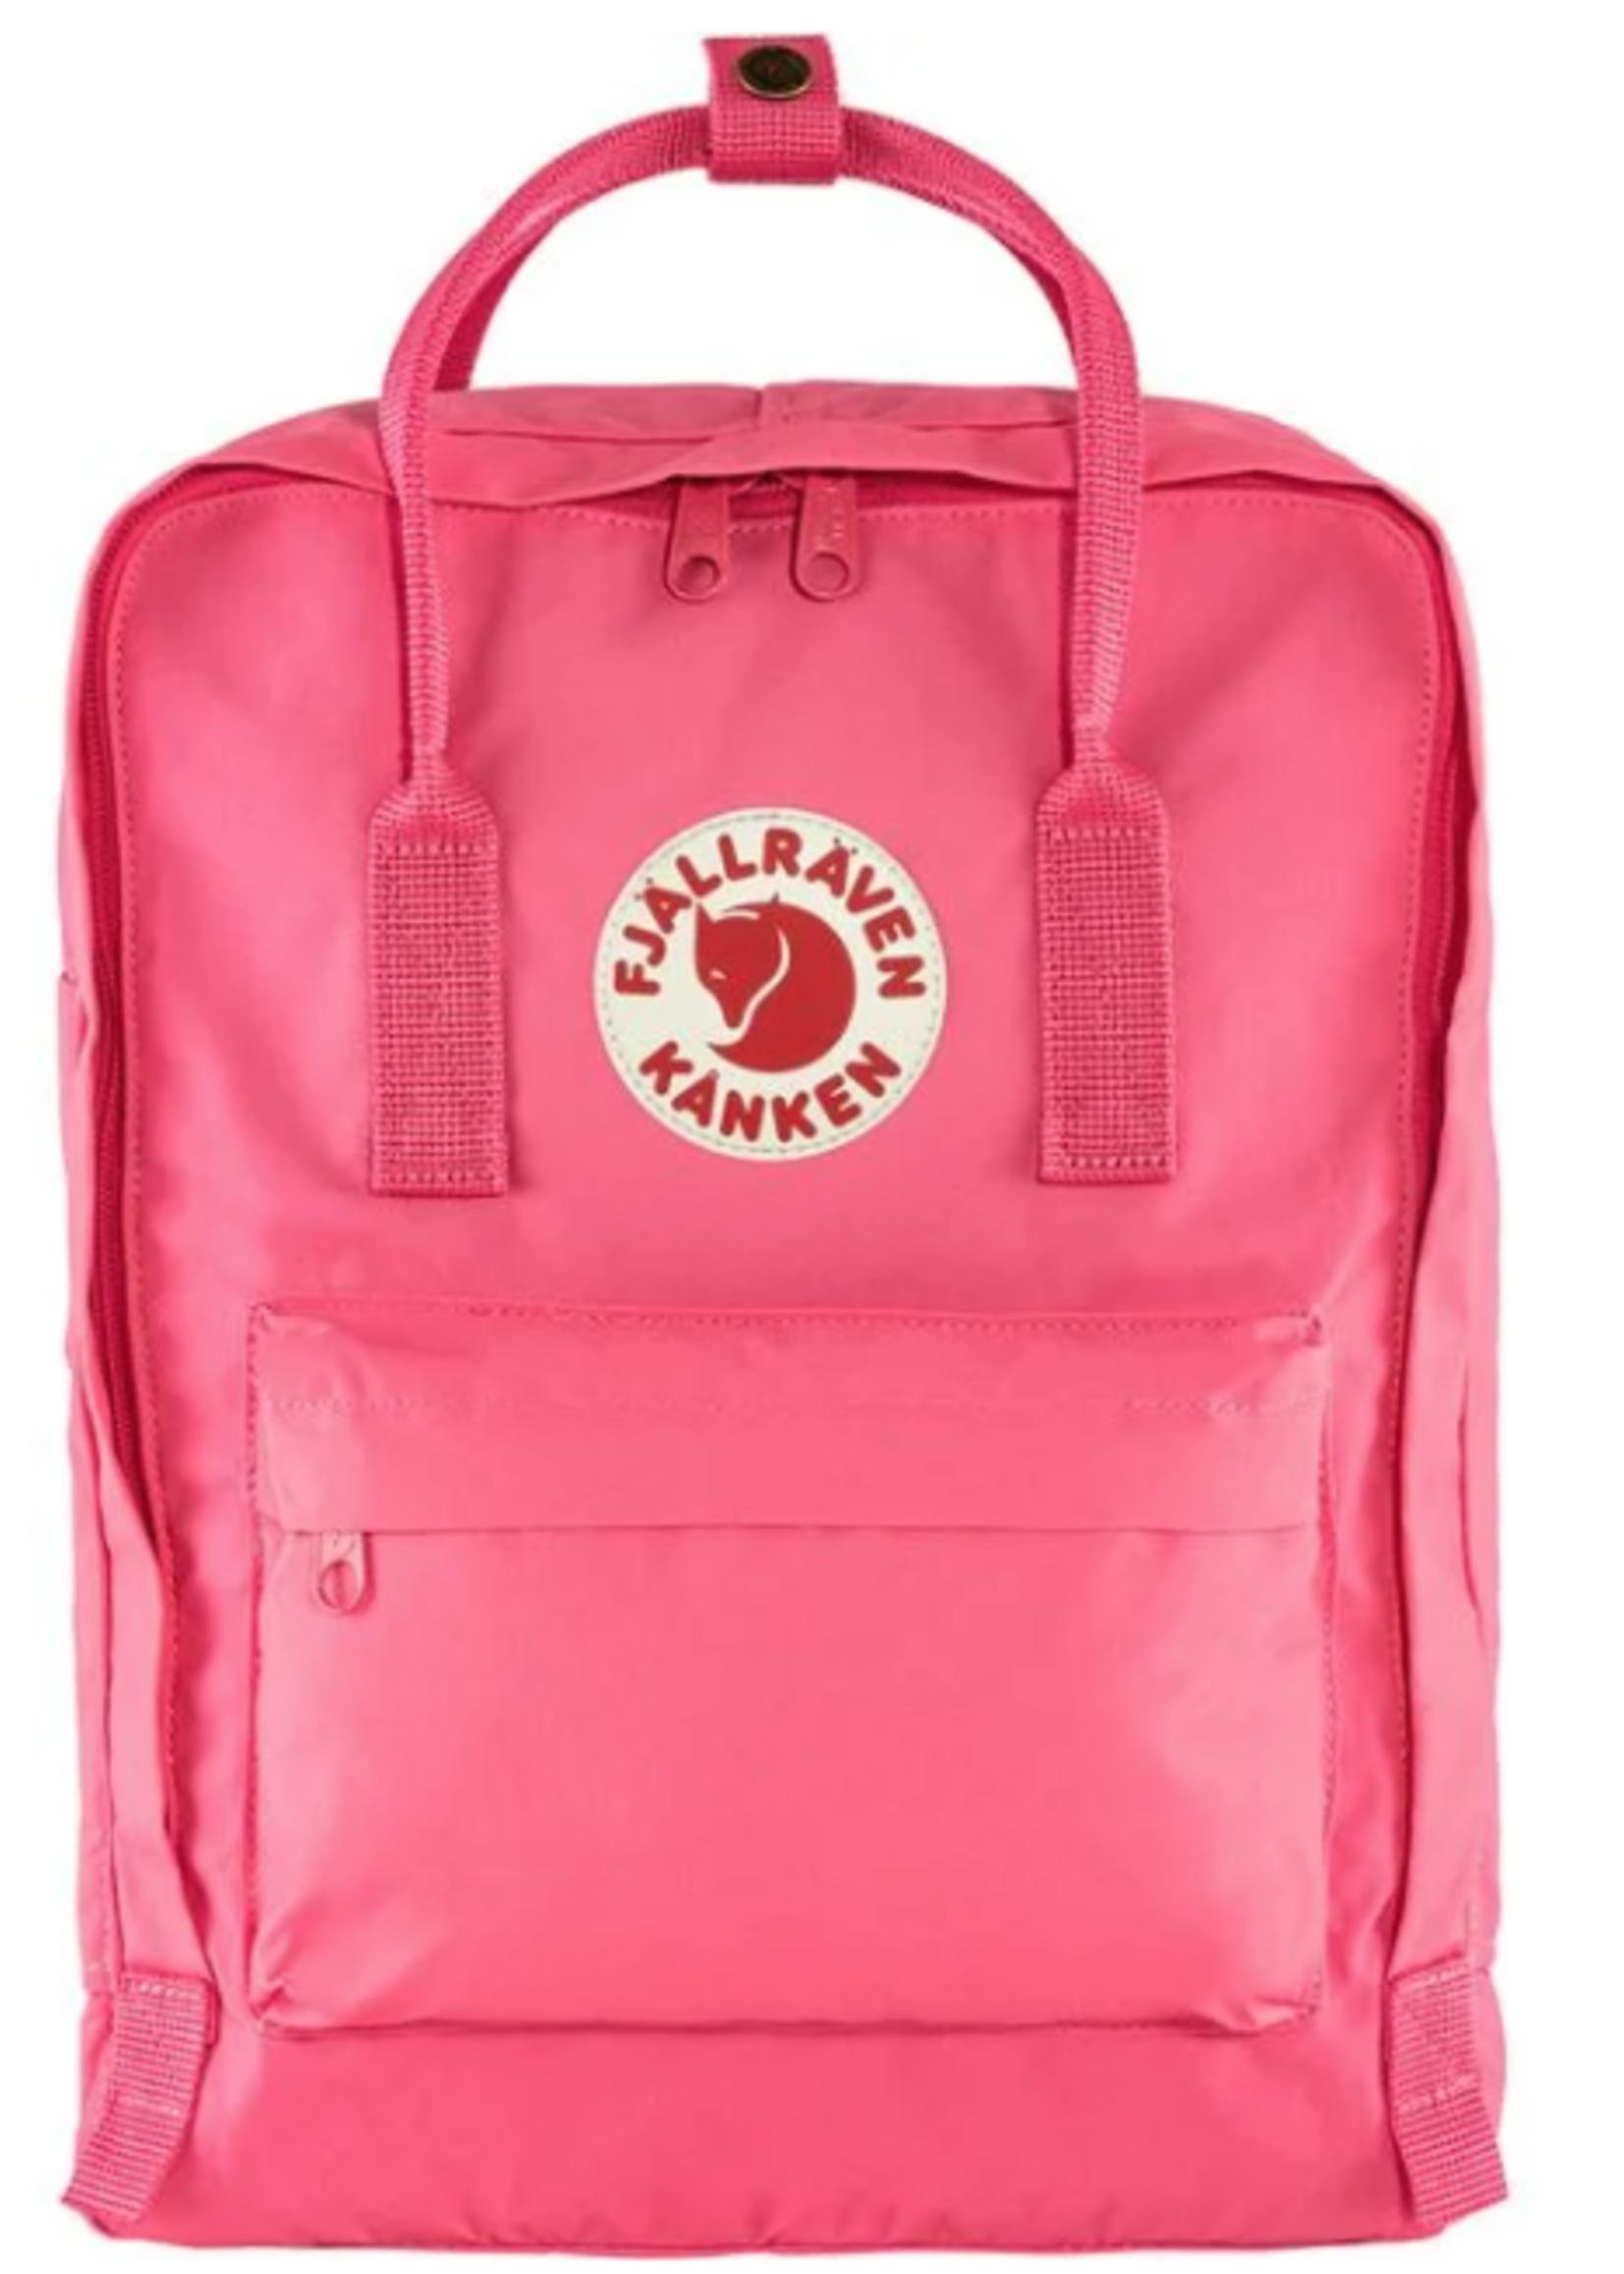 FJALL RAVEN Kanken Backpack FLAMINGO PINK